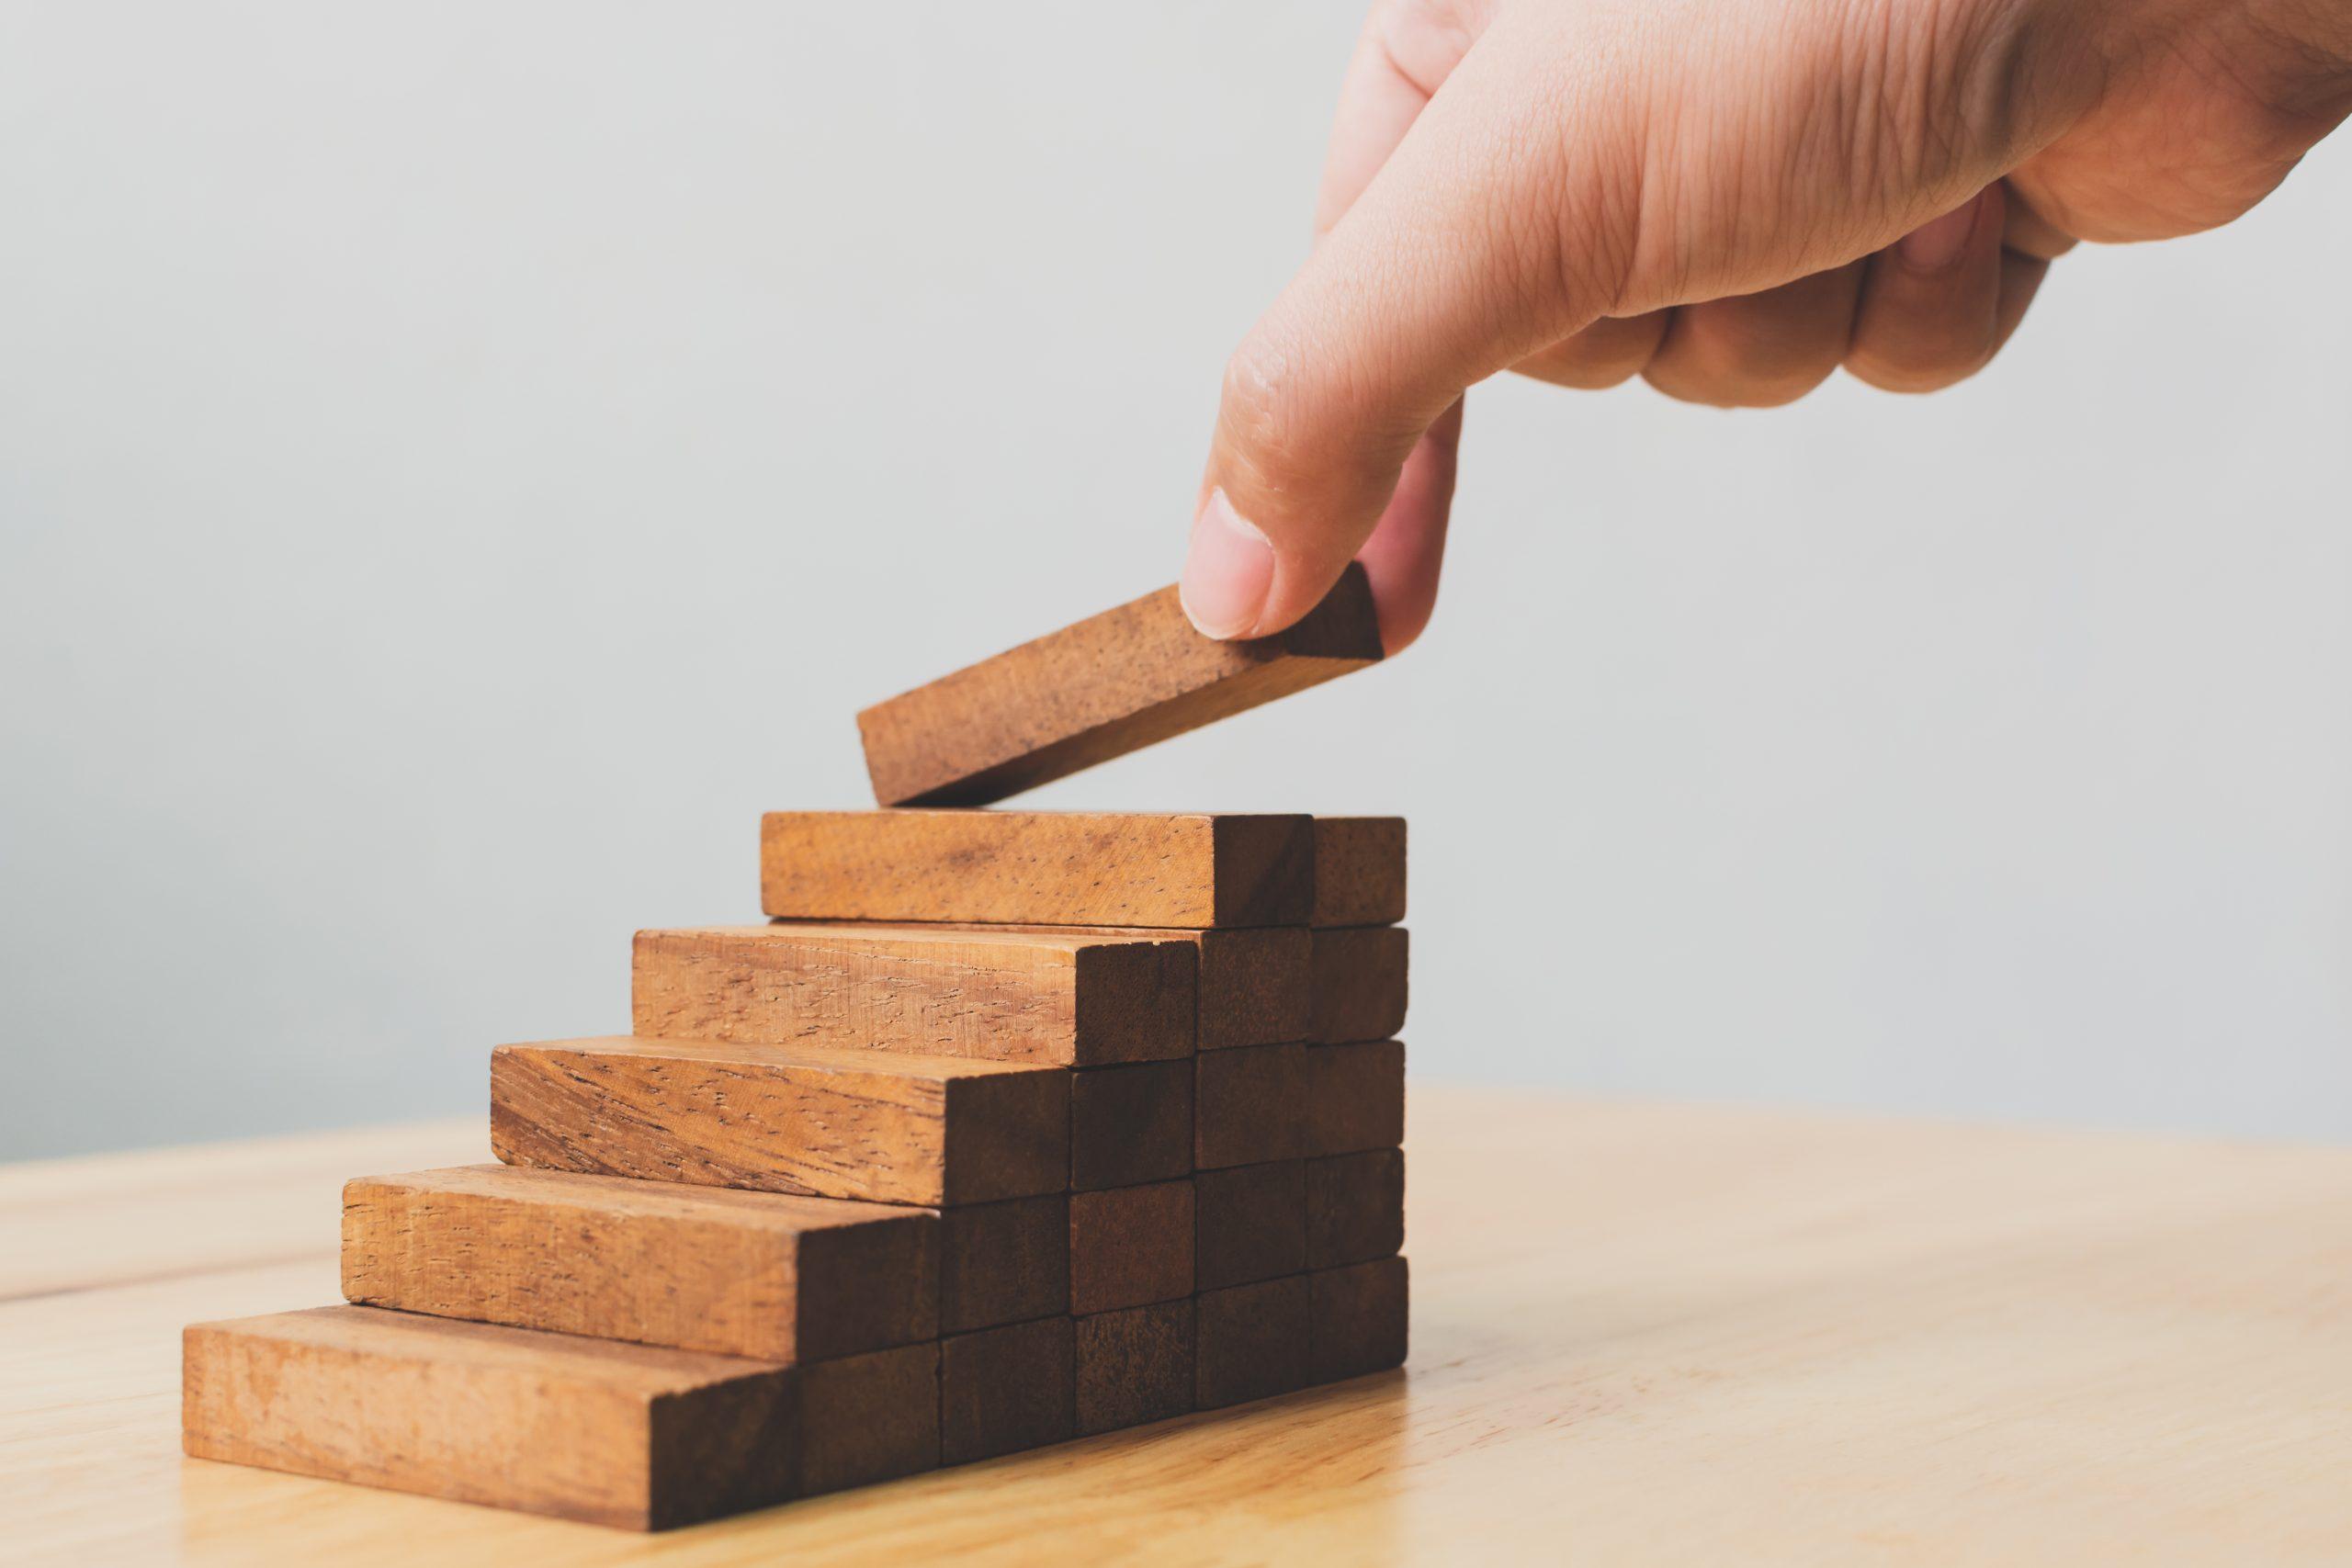 Conceitos MEC - Imagem mostra uma mão colocando o último degrau de uma escada por meio de brinquedo de montar